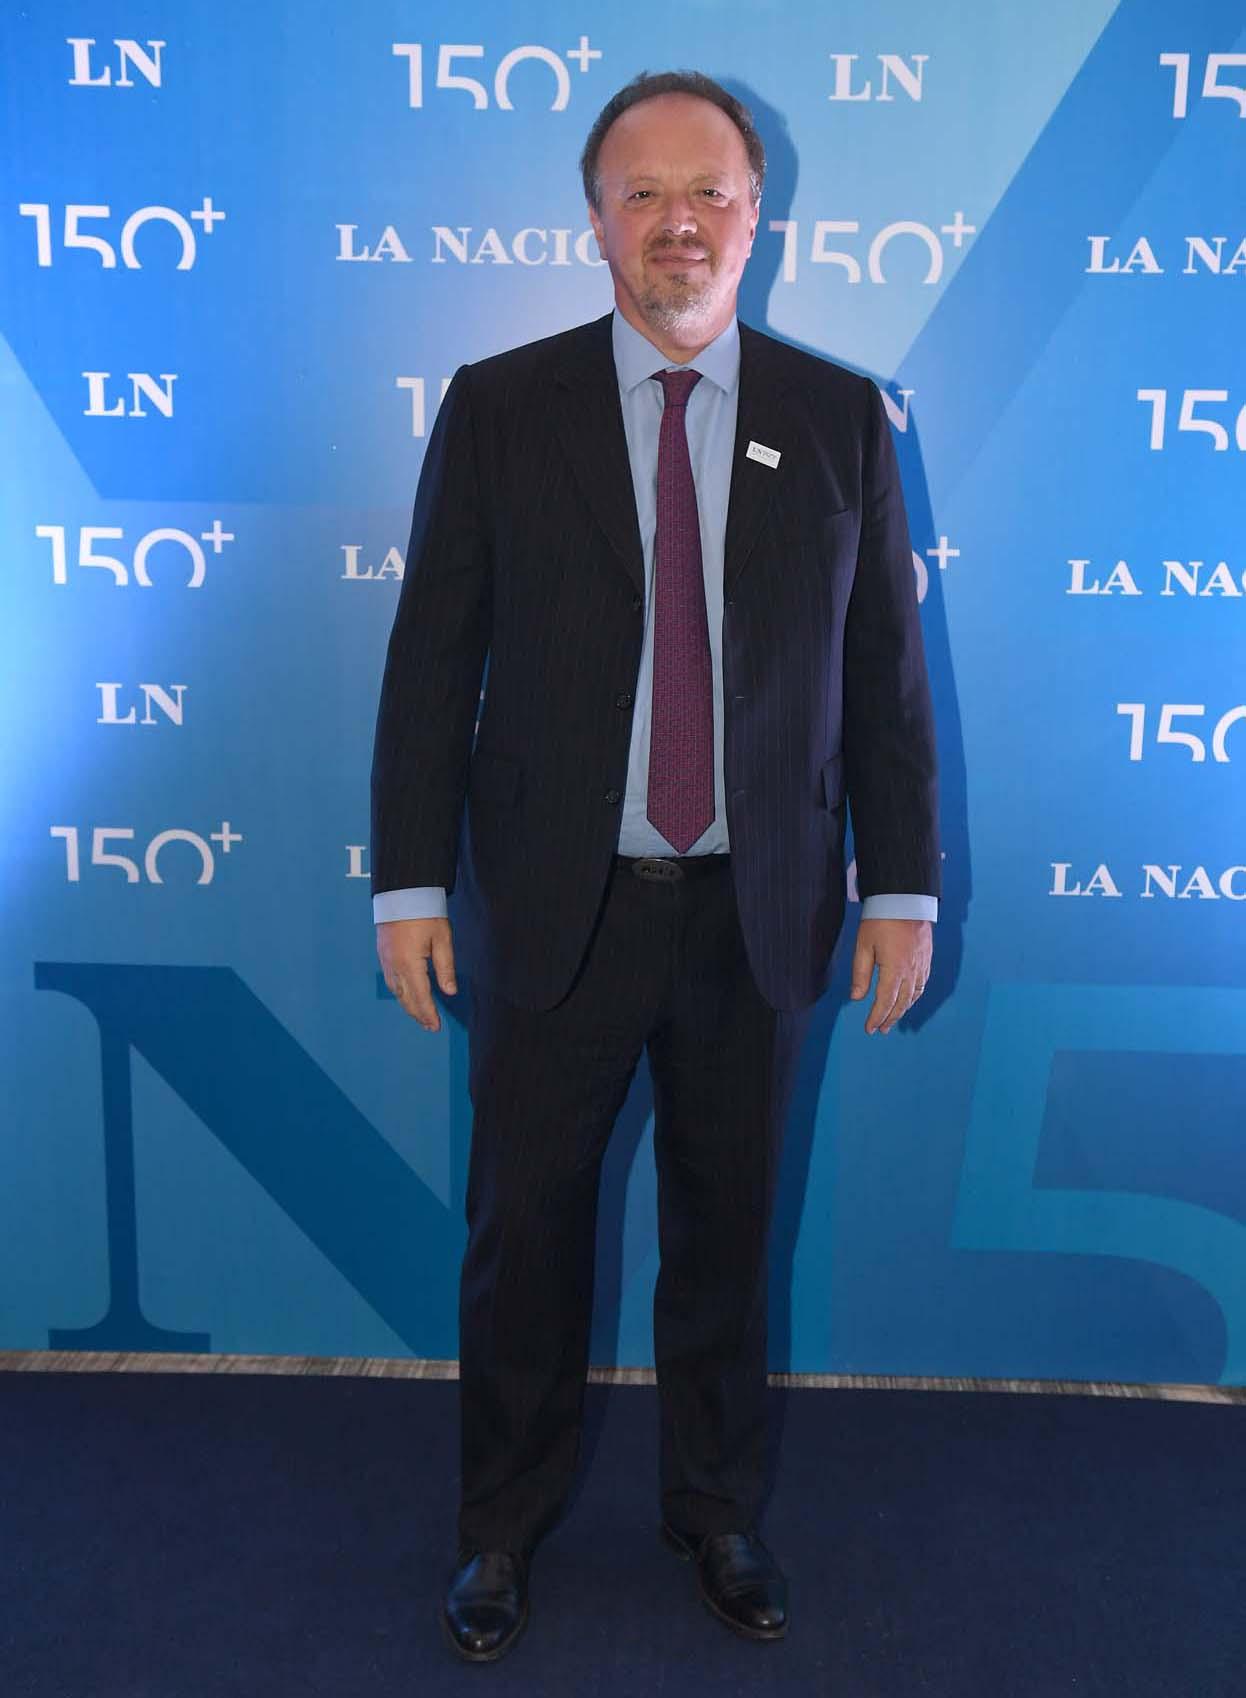 El presidente del Banco de Valores, Juan Nápoli